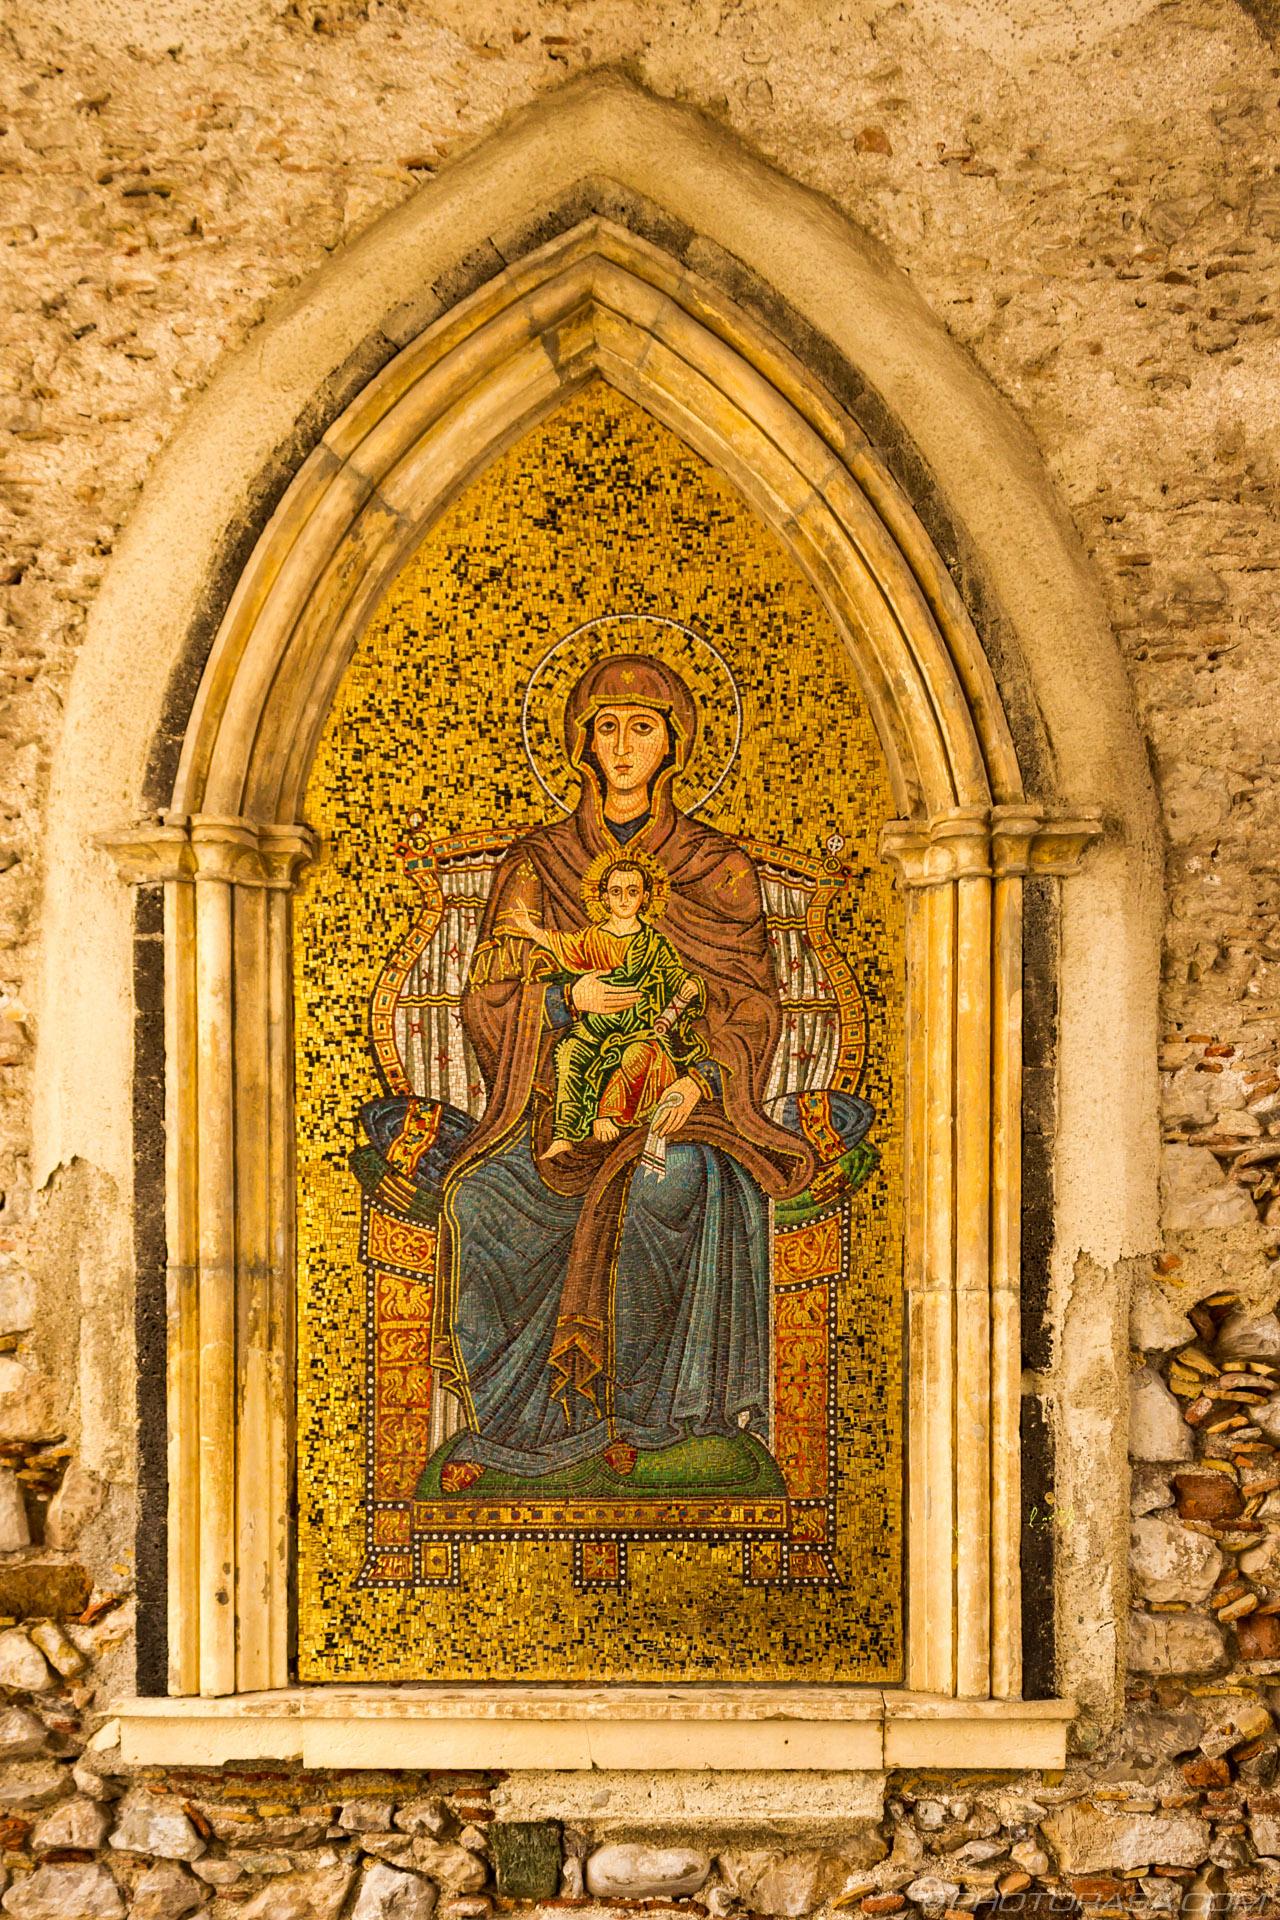 http://photorasa.com/taormina/roman-mosaic-at-taormina/